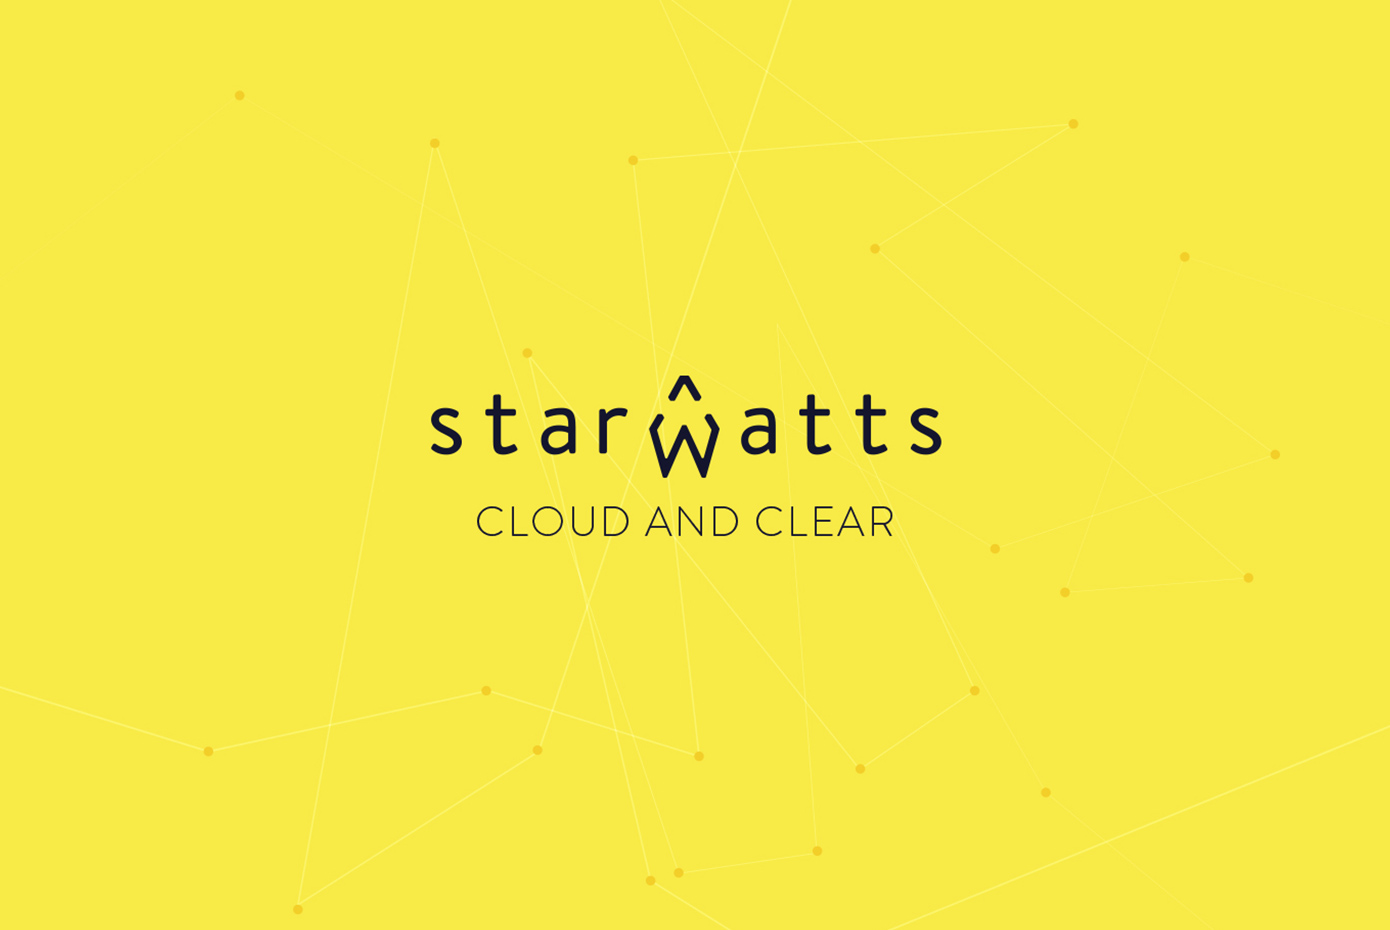 Starwatts.jpg